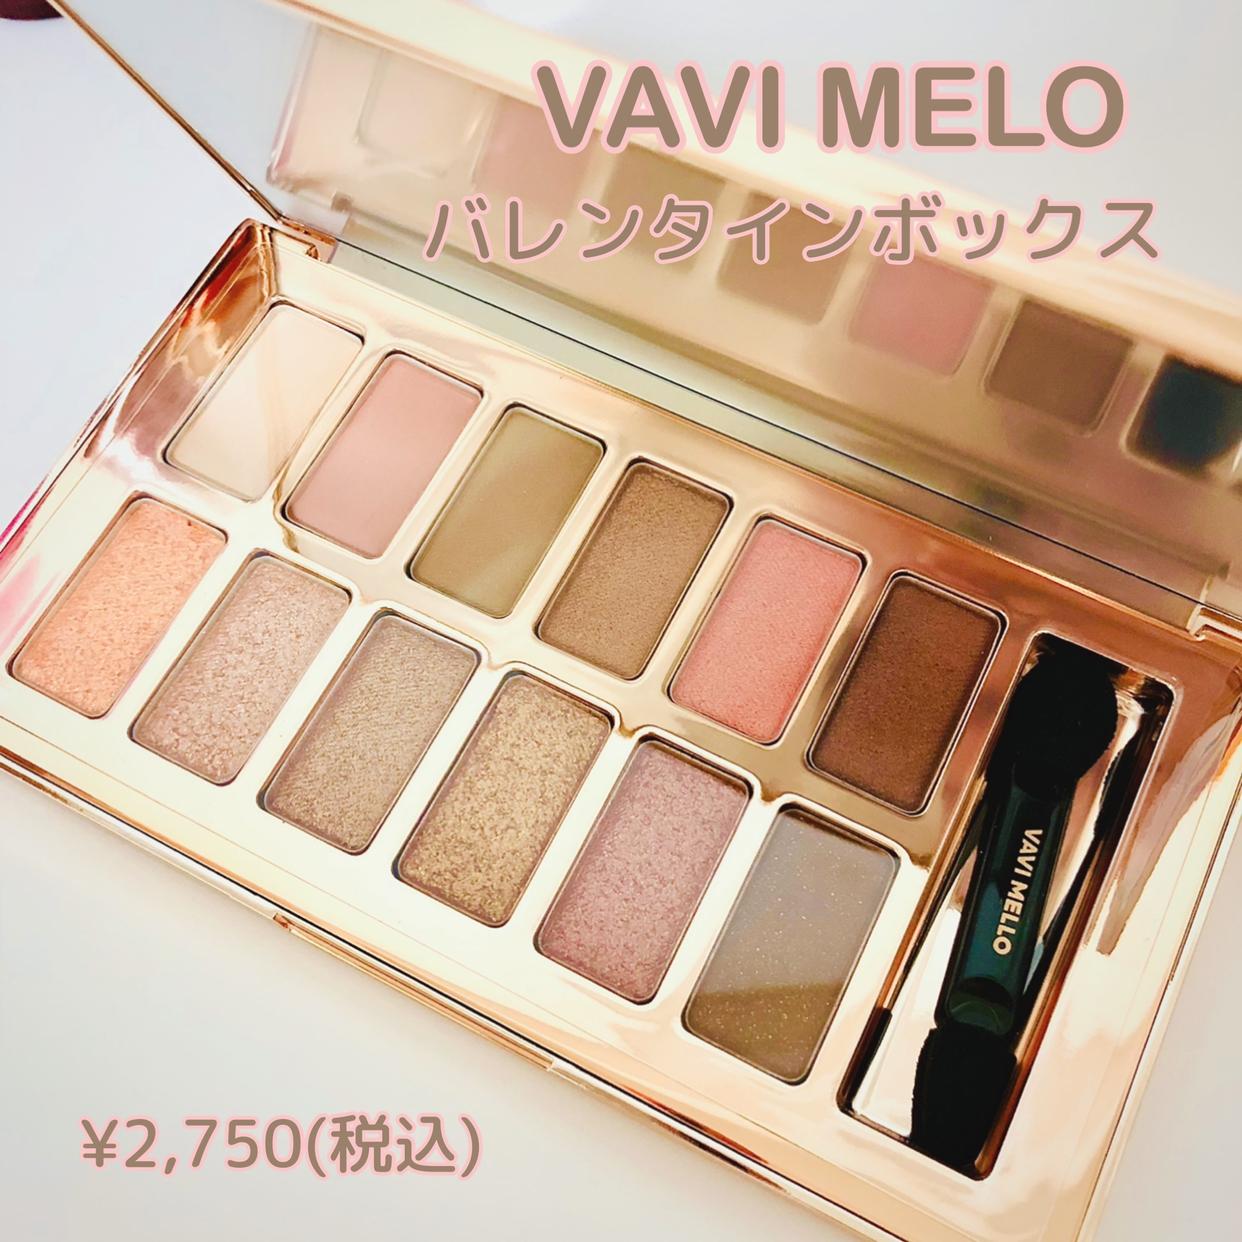 VAVI MELLO(バビメロ) バレンタインボックスを使ったちさくまさんのクチコミ画像1